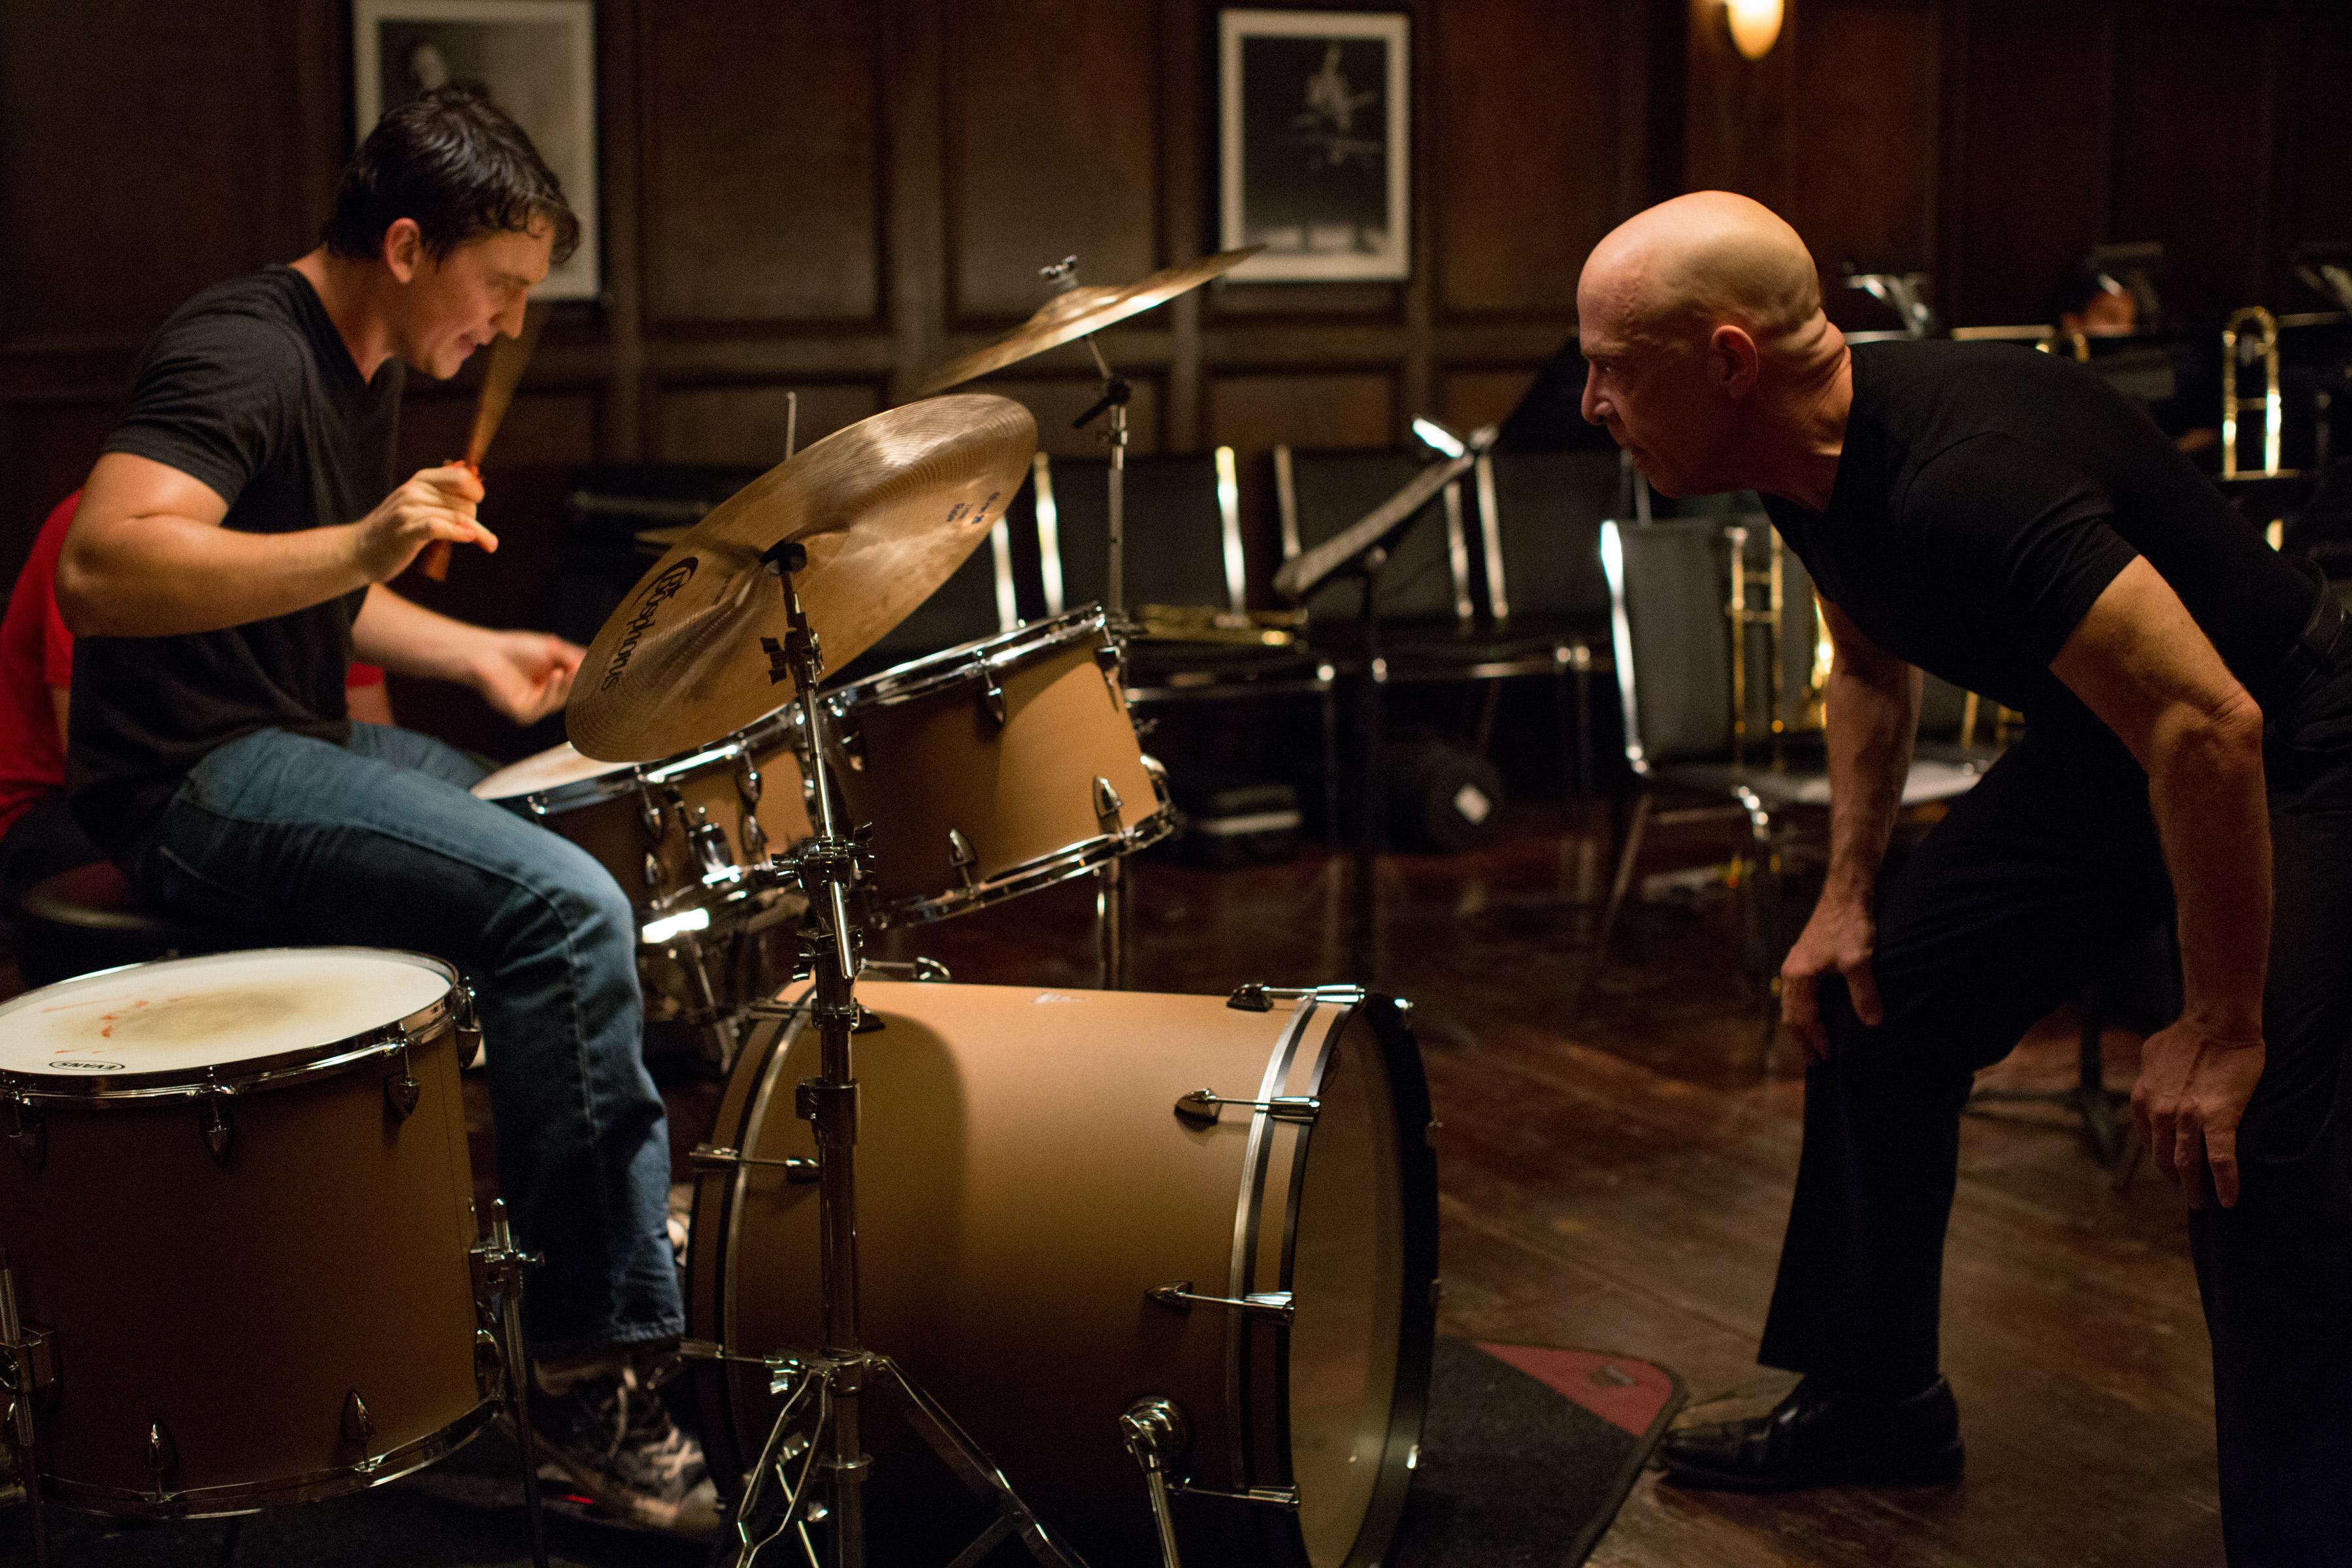 """Filmes Sobre Musicos within whiplash"""" é uma chicotada que fará você perder a vontade de ser"""